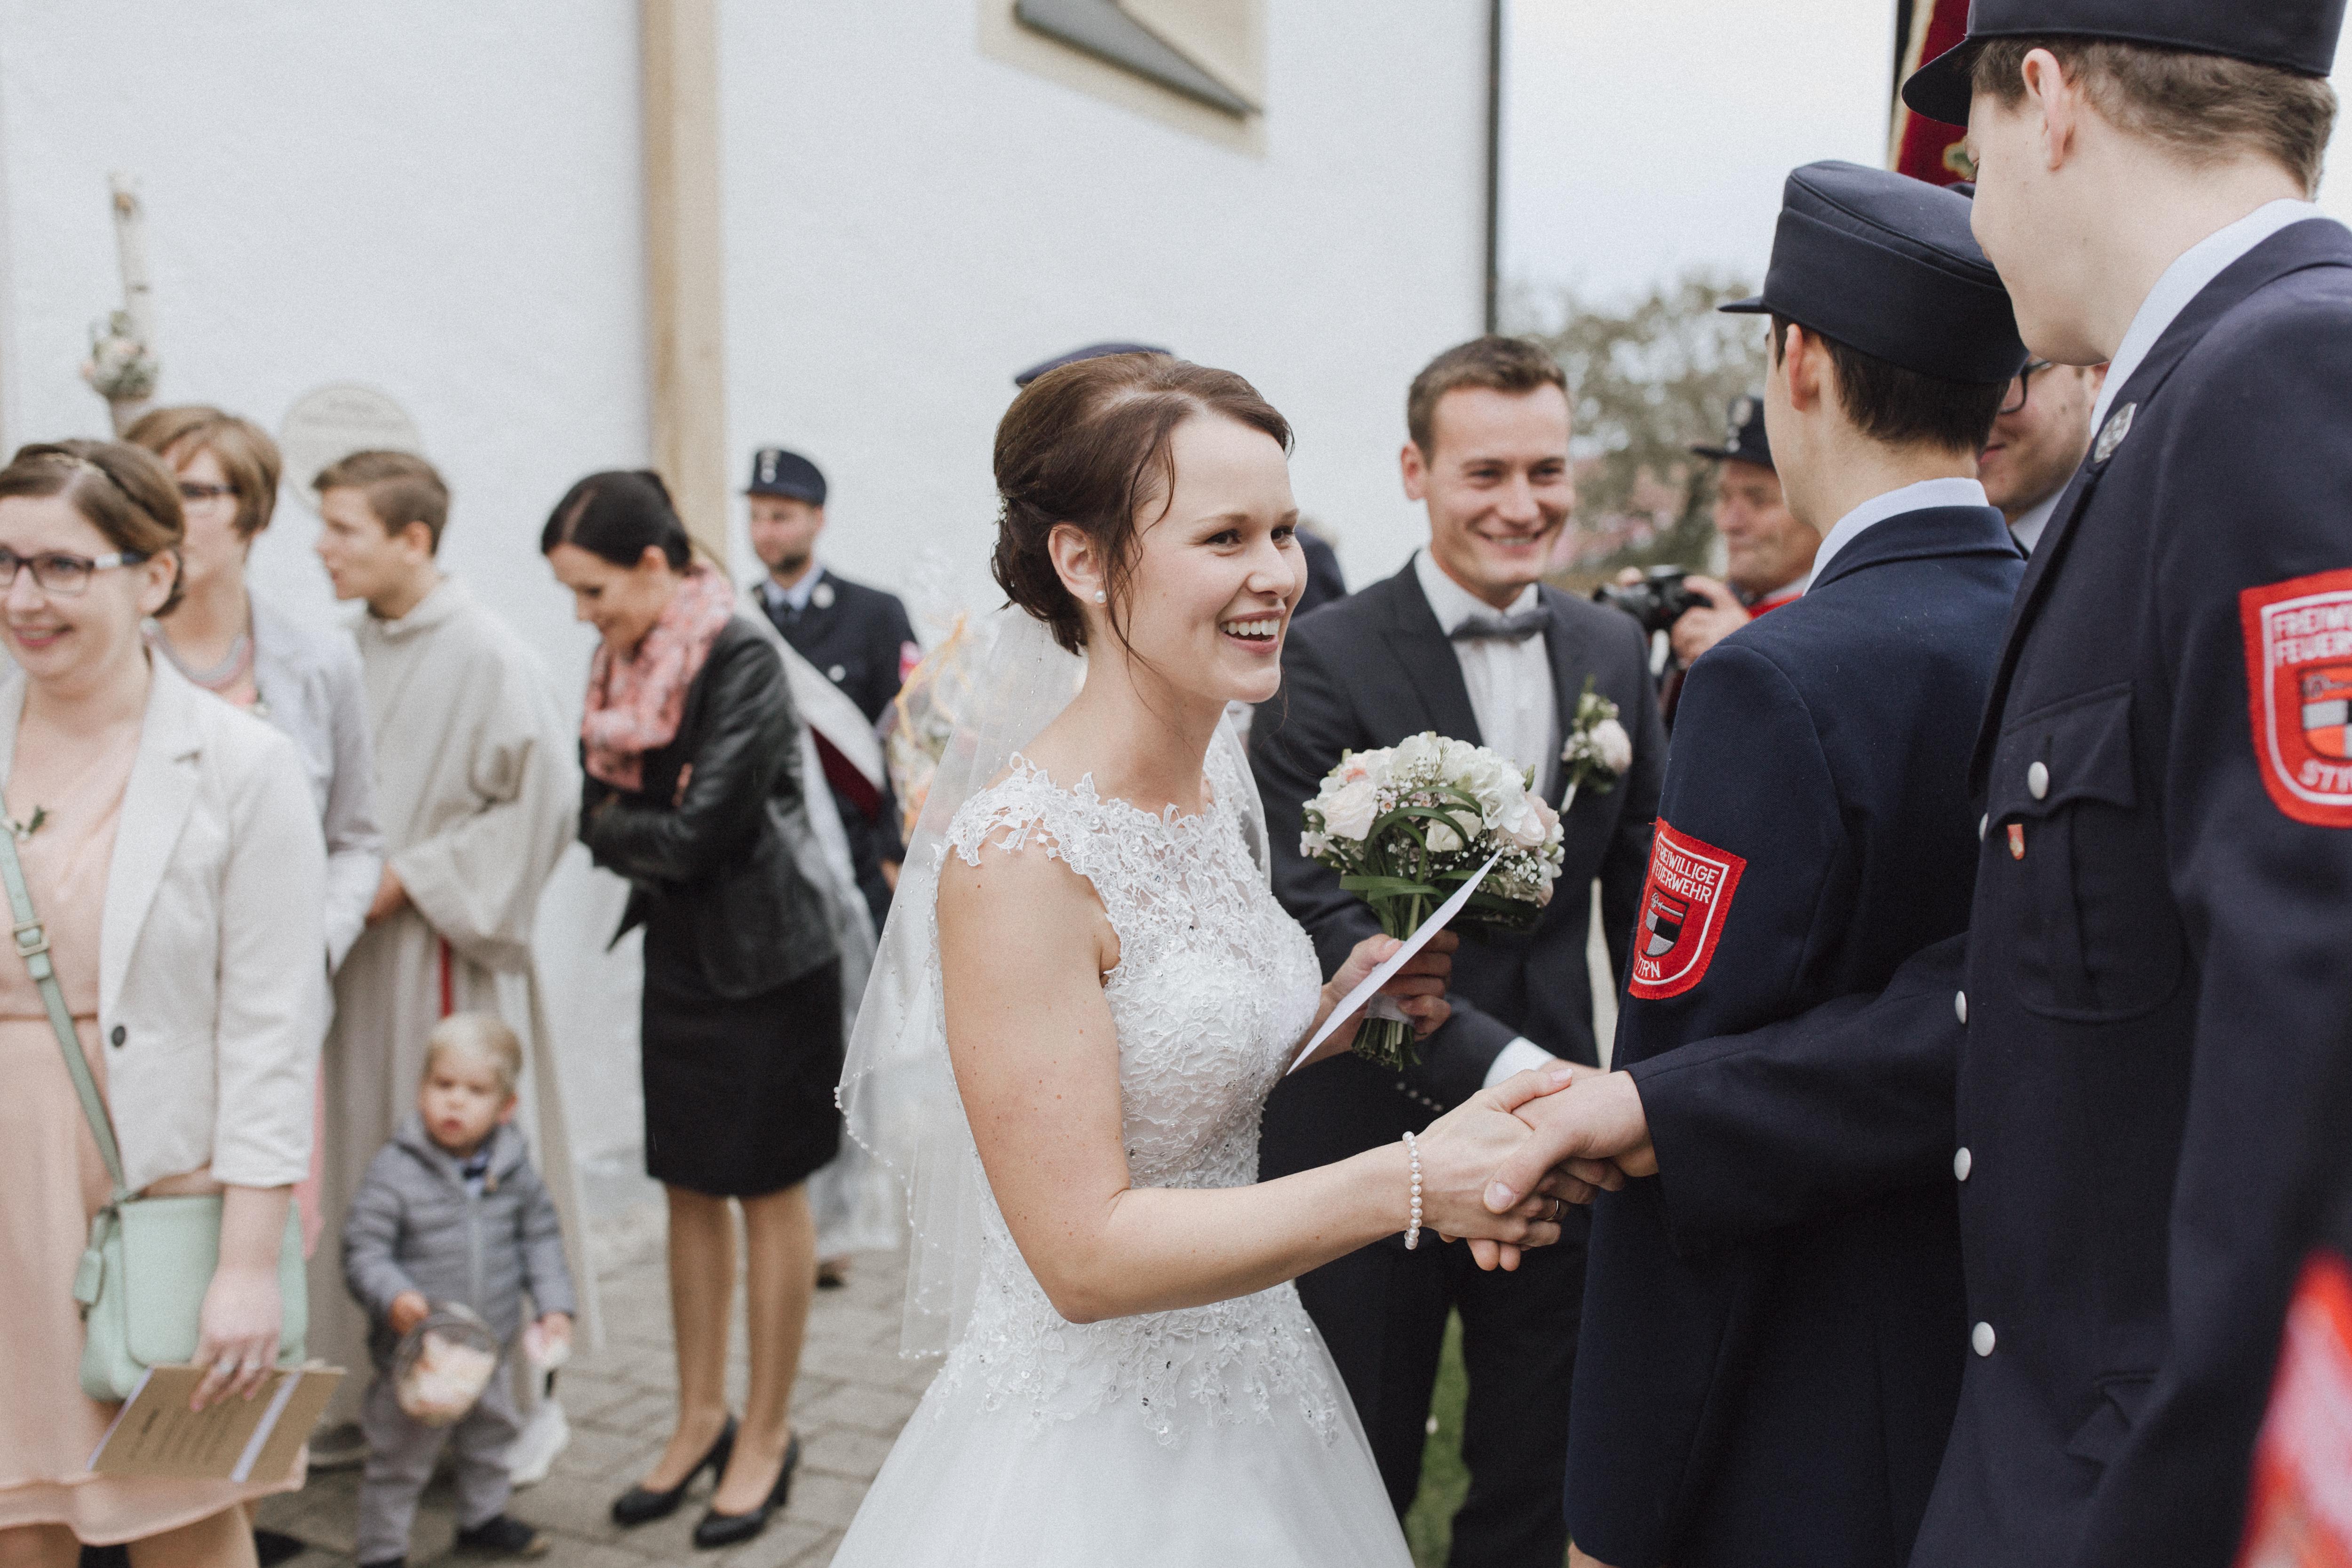 URBANERIE_Daniela_Goth_Hochzeitsfotografin_Nürnberg_Fürth_Erlangen_Schwabach_170909_0084